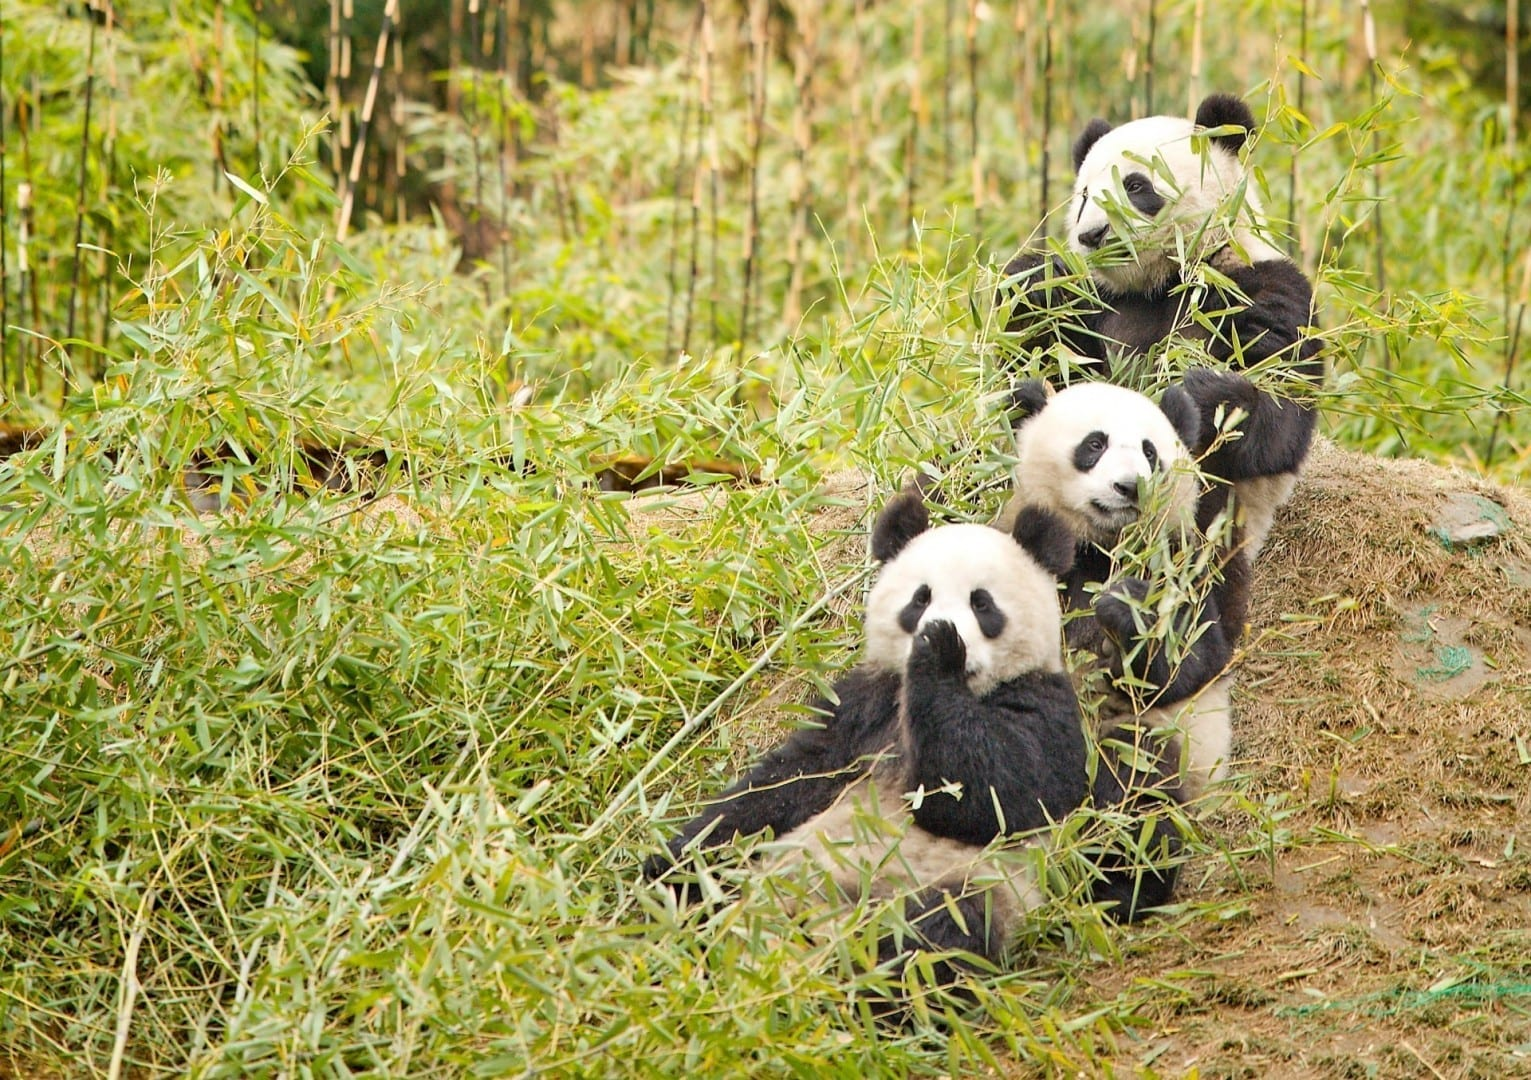 Pandas gigantes en el Santuario de Wolong Jiuzhaigou China